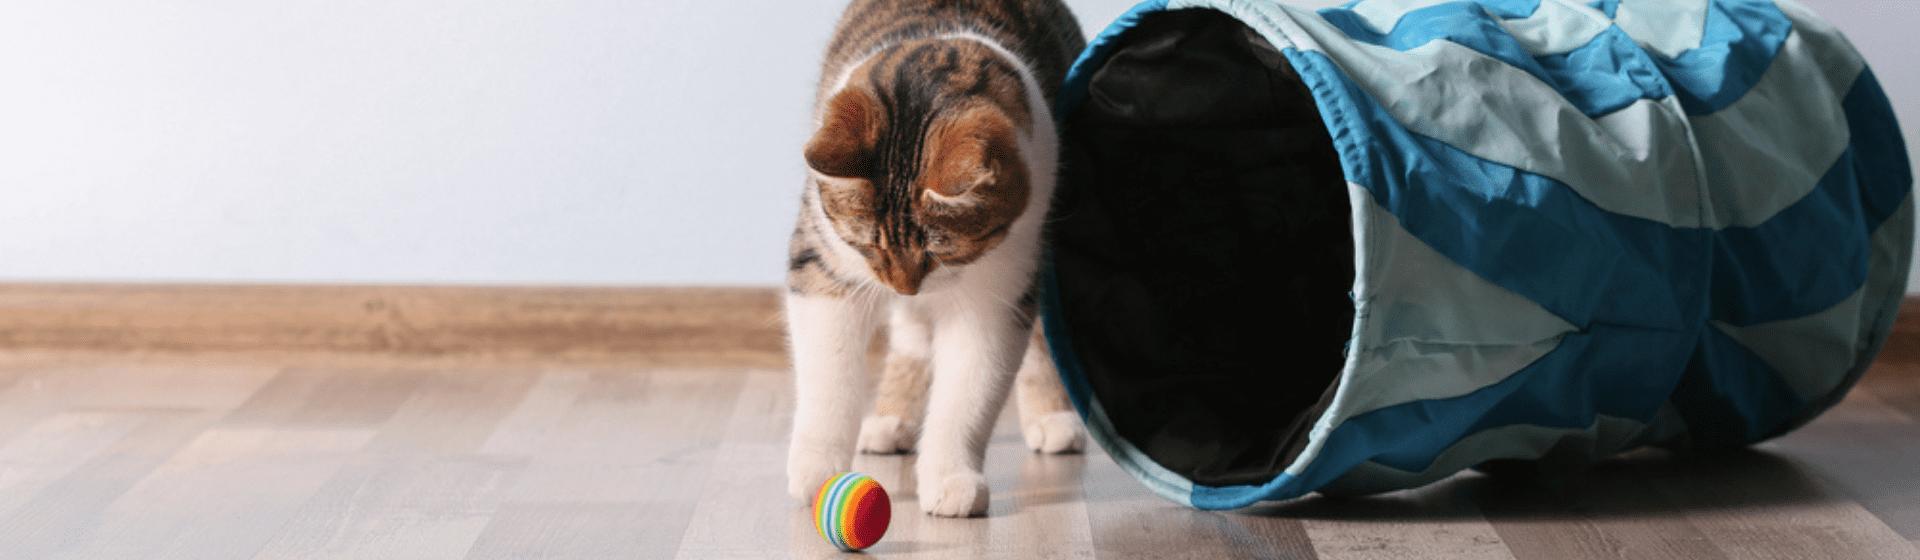 Brinquedo para gatinho: qual é o melhor para filhote?